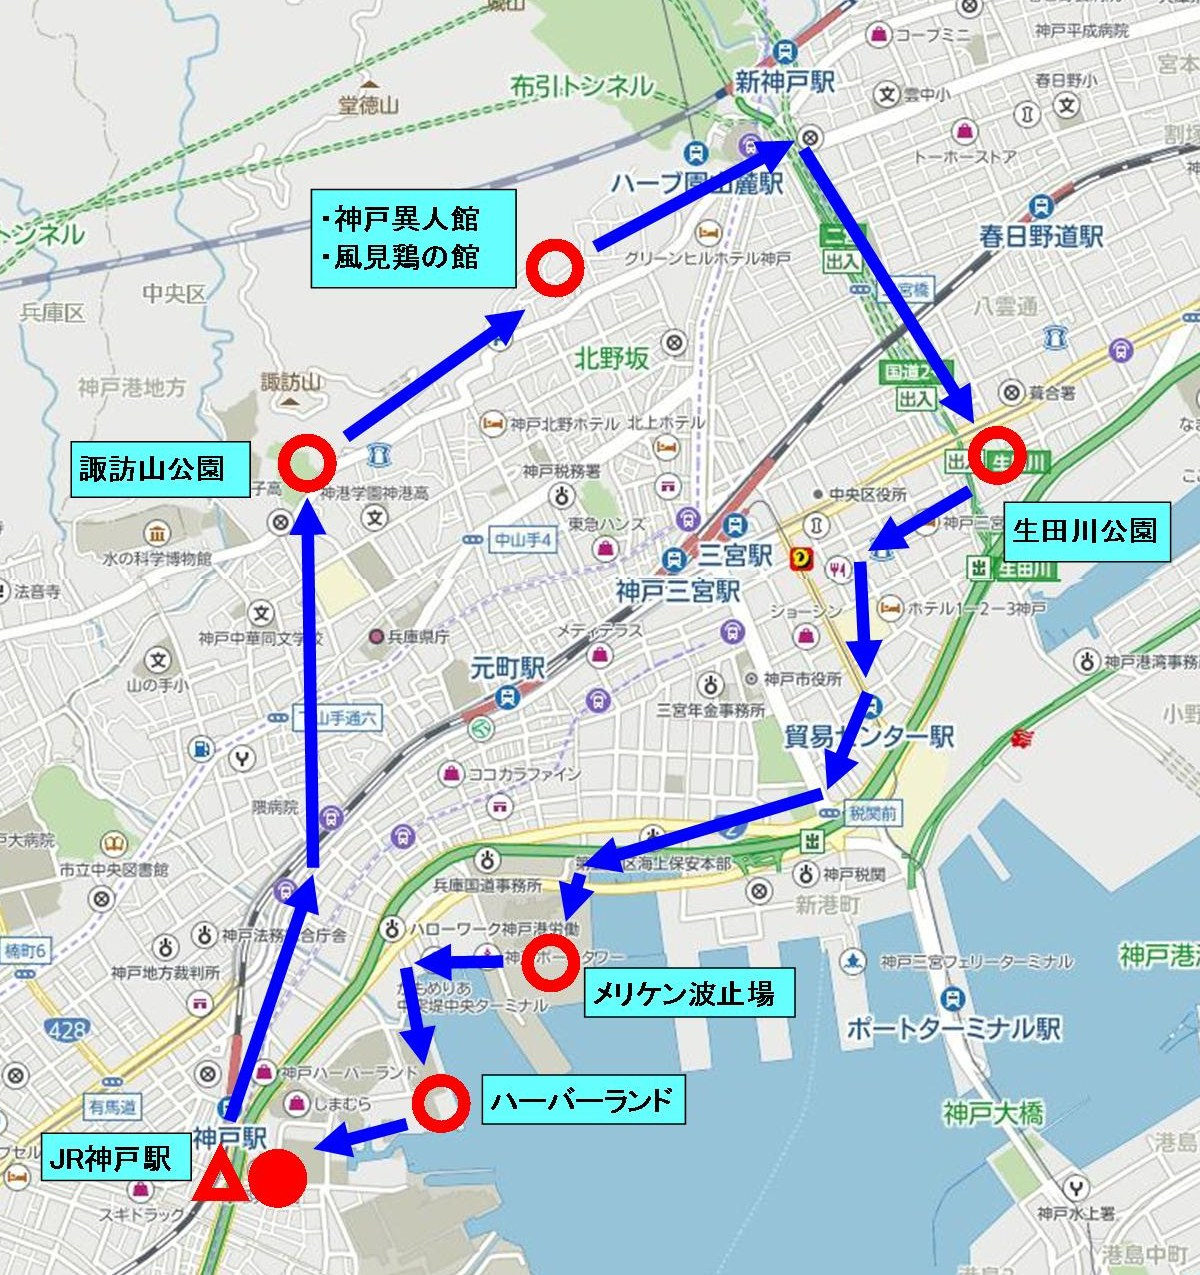 a神戸地図.jpg